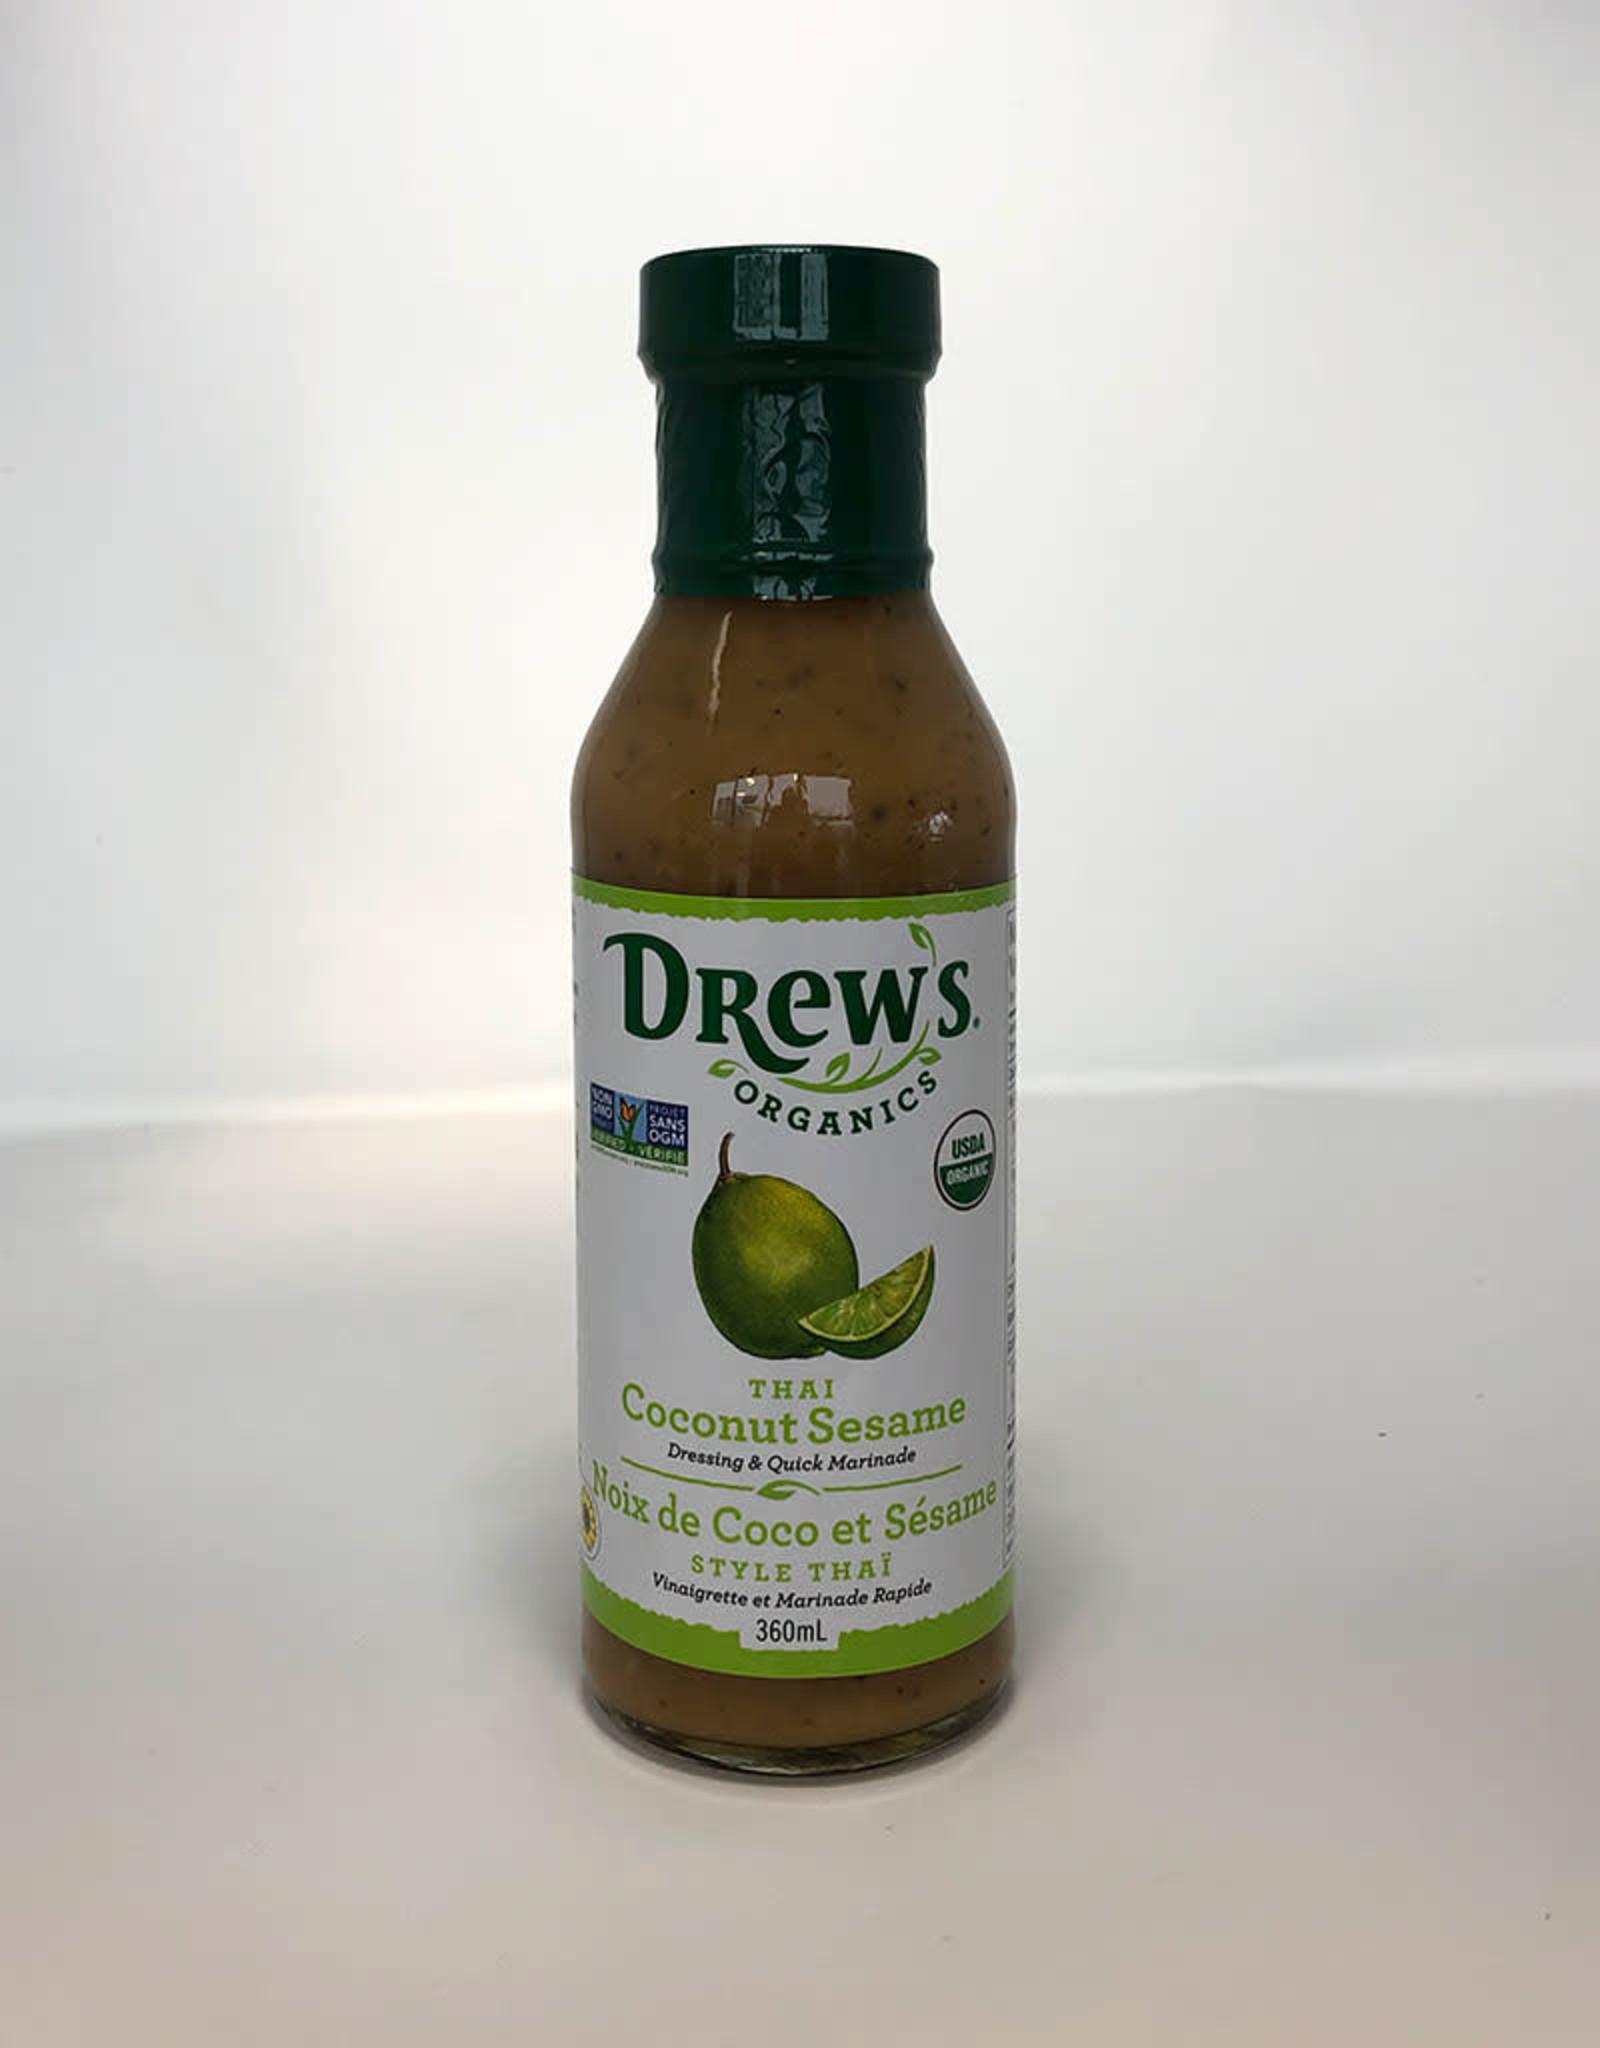 Drew's Organics Drews - Oranic Dressing, Thai Coconut Sesame (360ml)